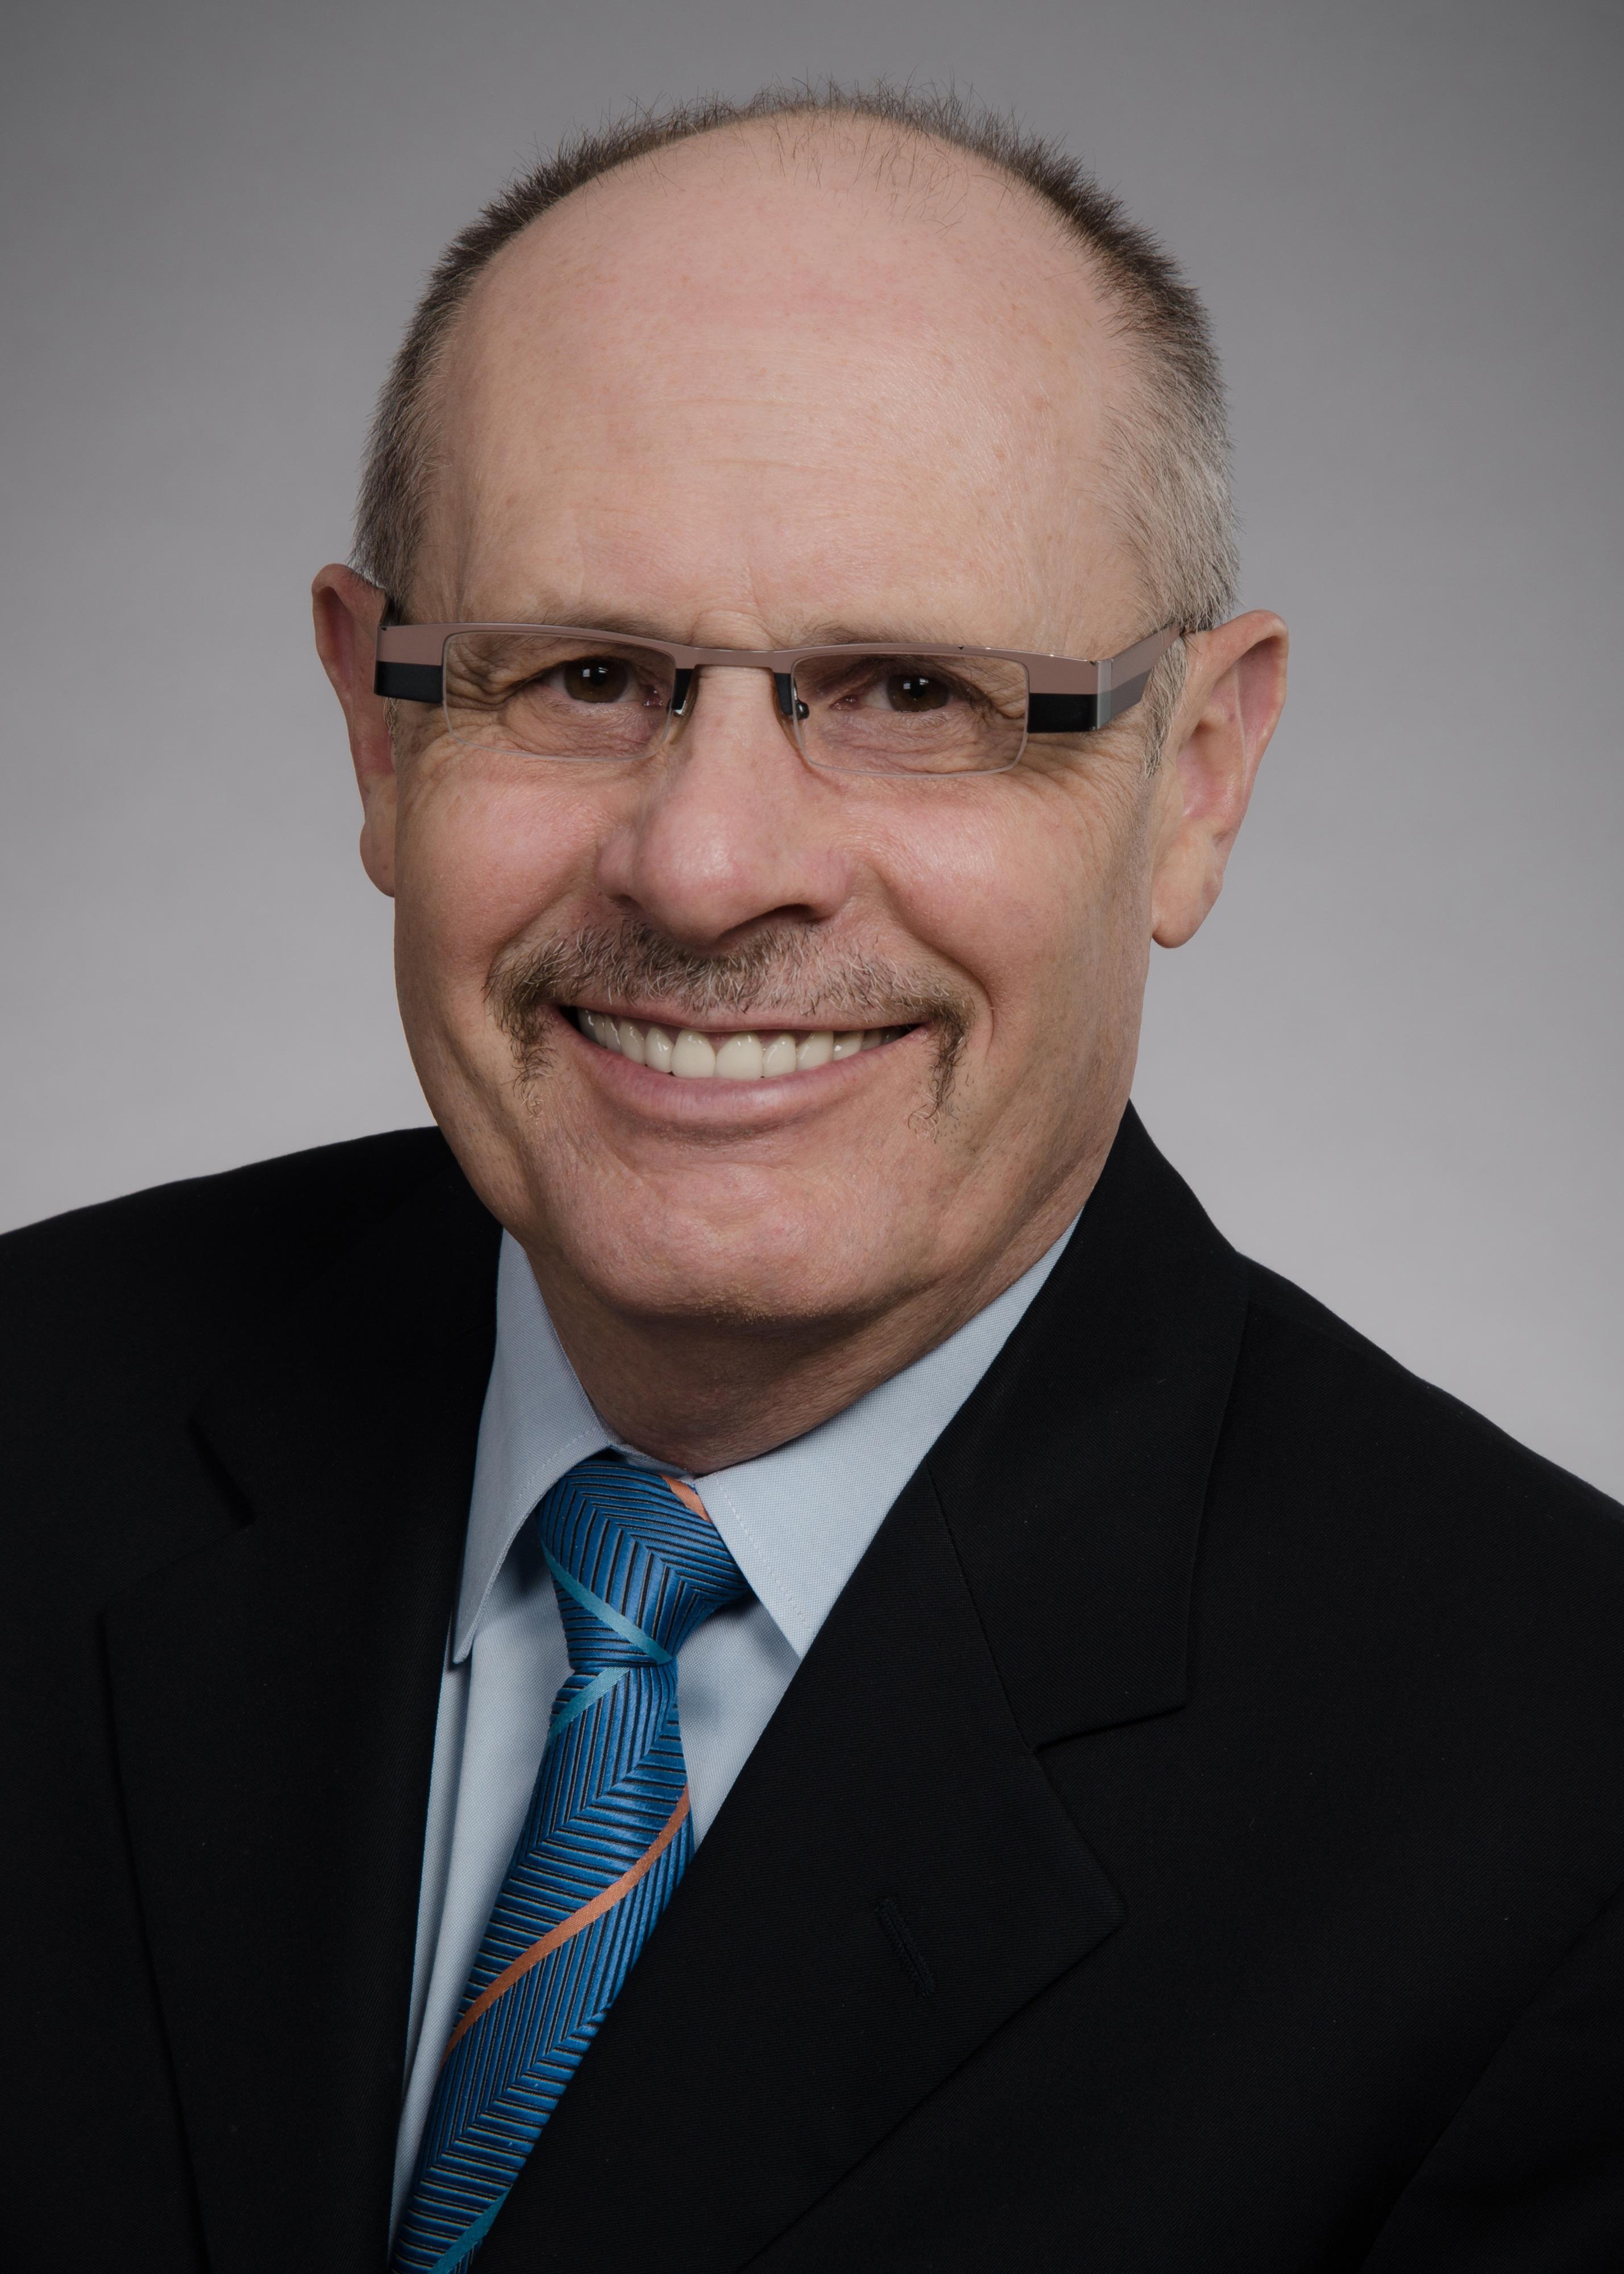 Dr. Shuman